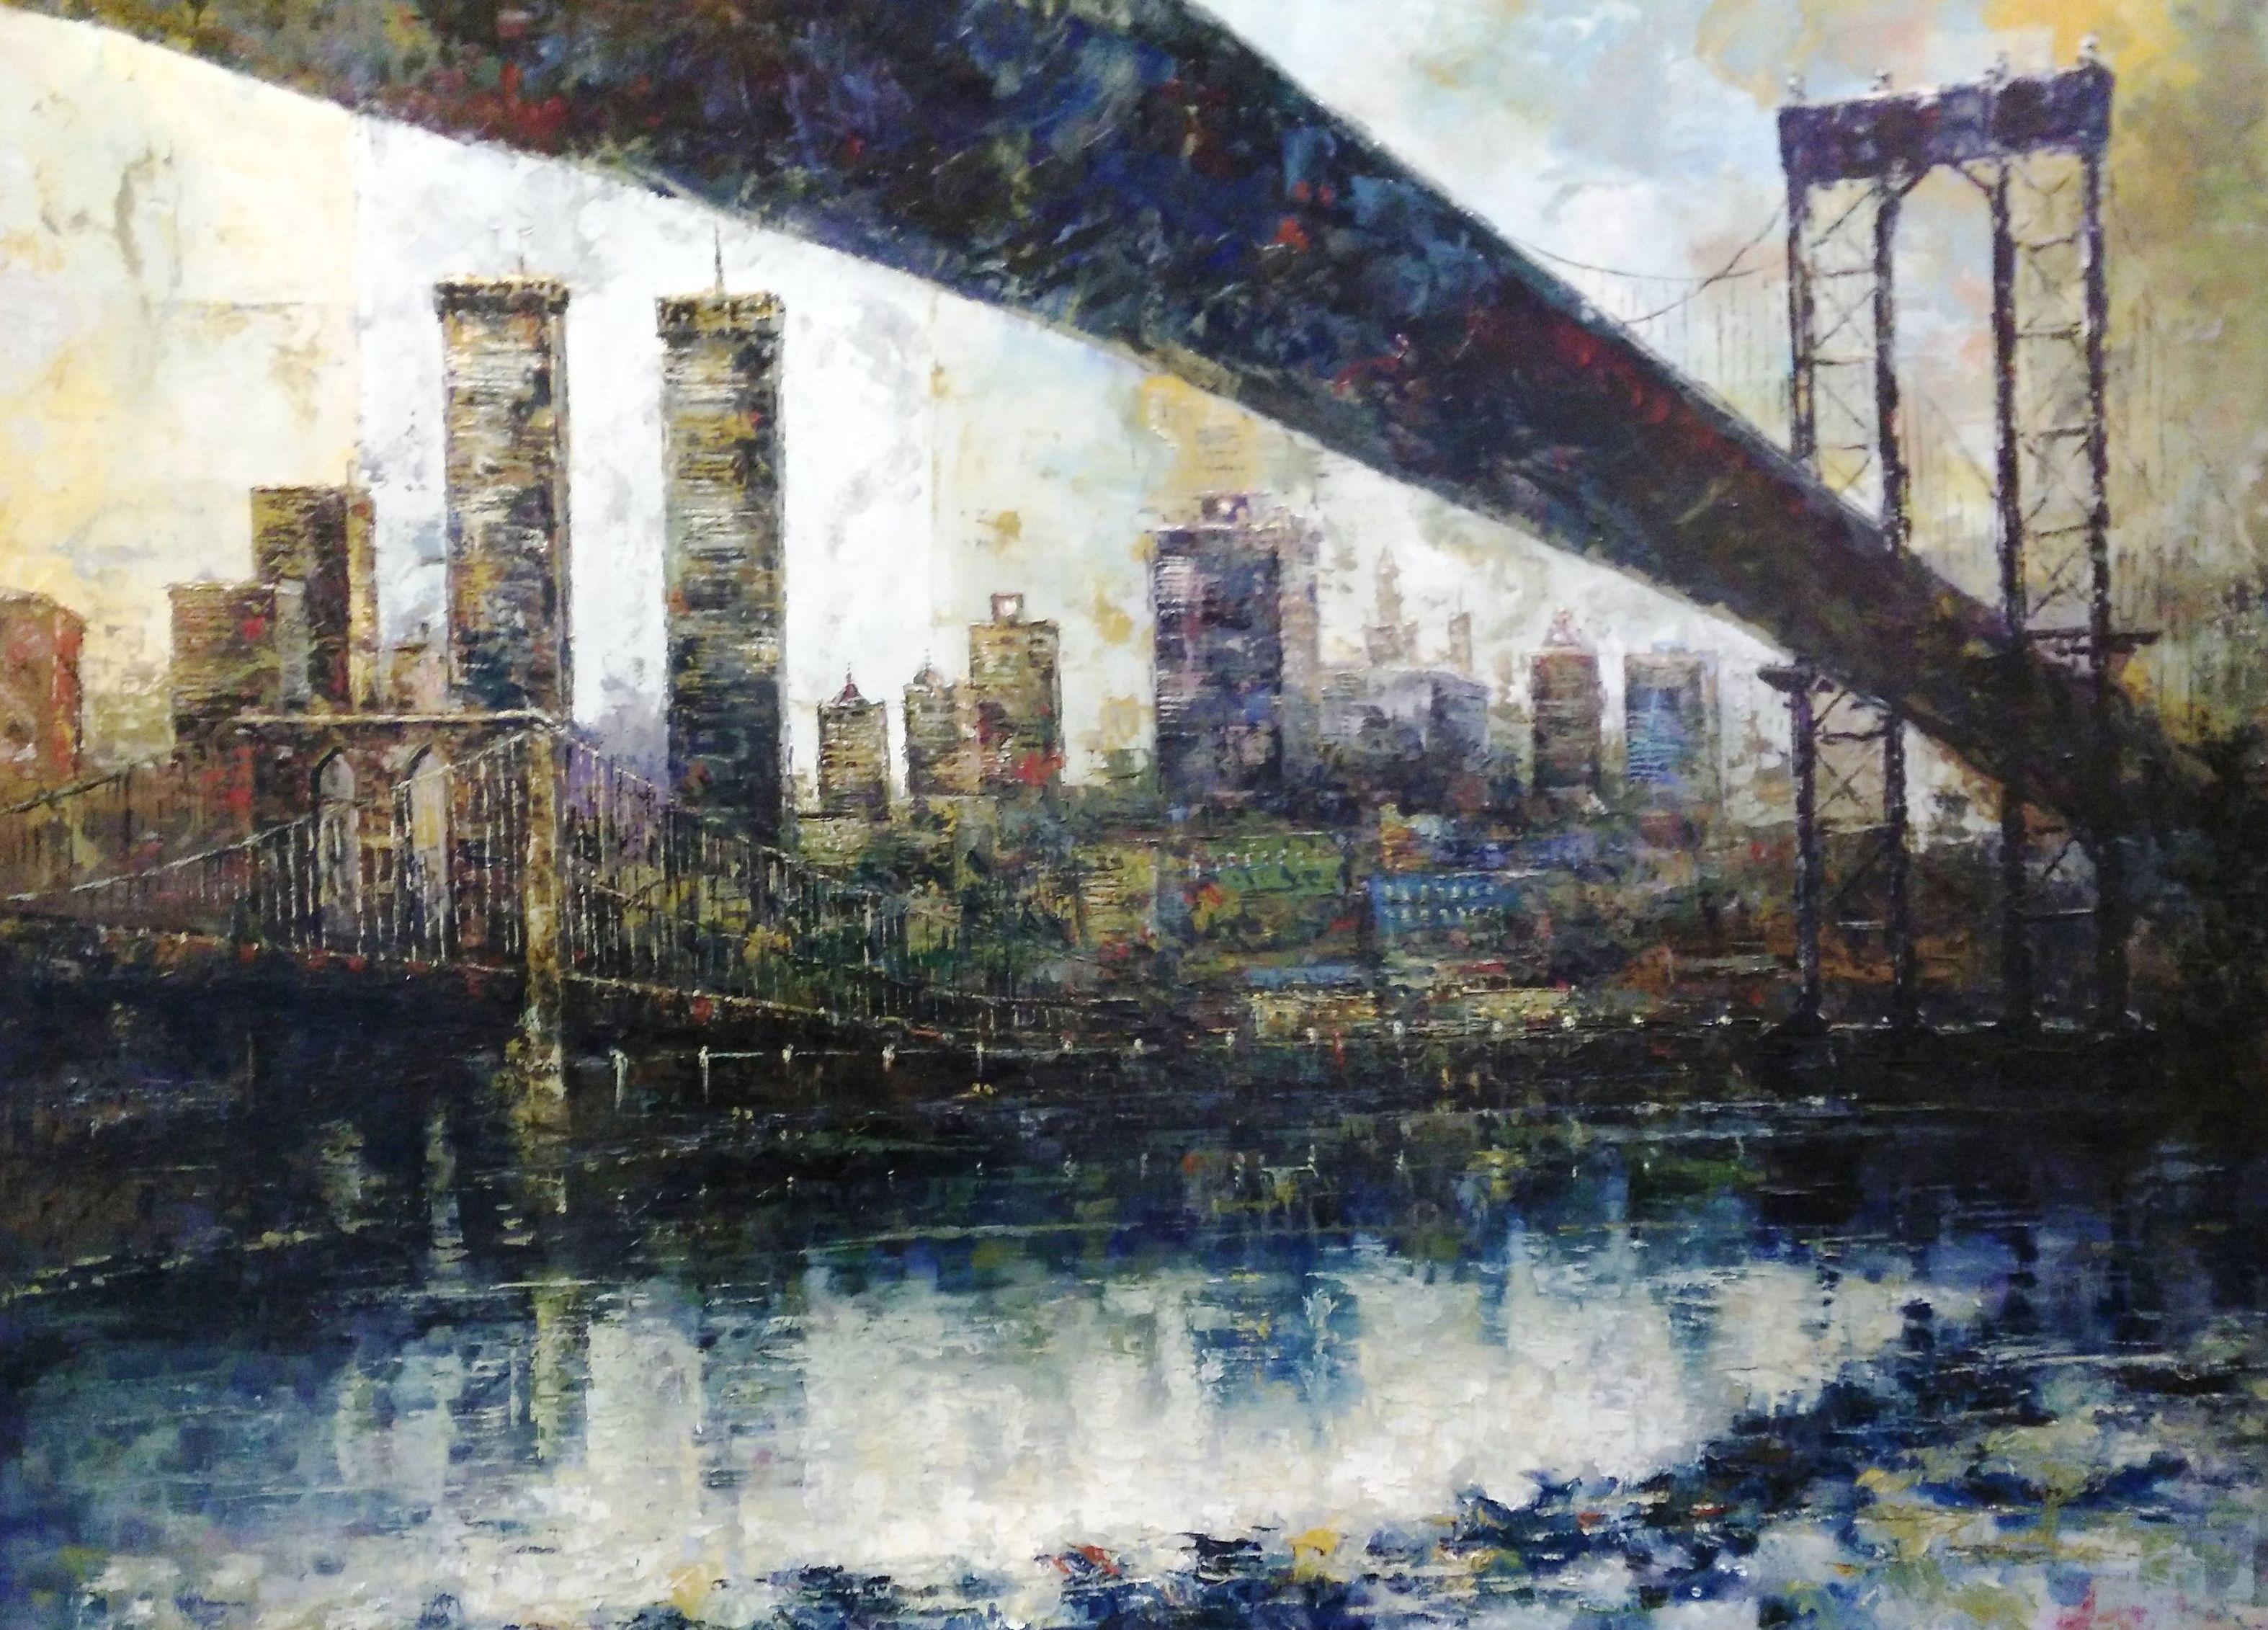 Puente de Brooklyn: CATALOGO de Quadrocomio La Casa de los Cuadros desde 1968